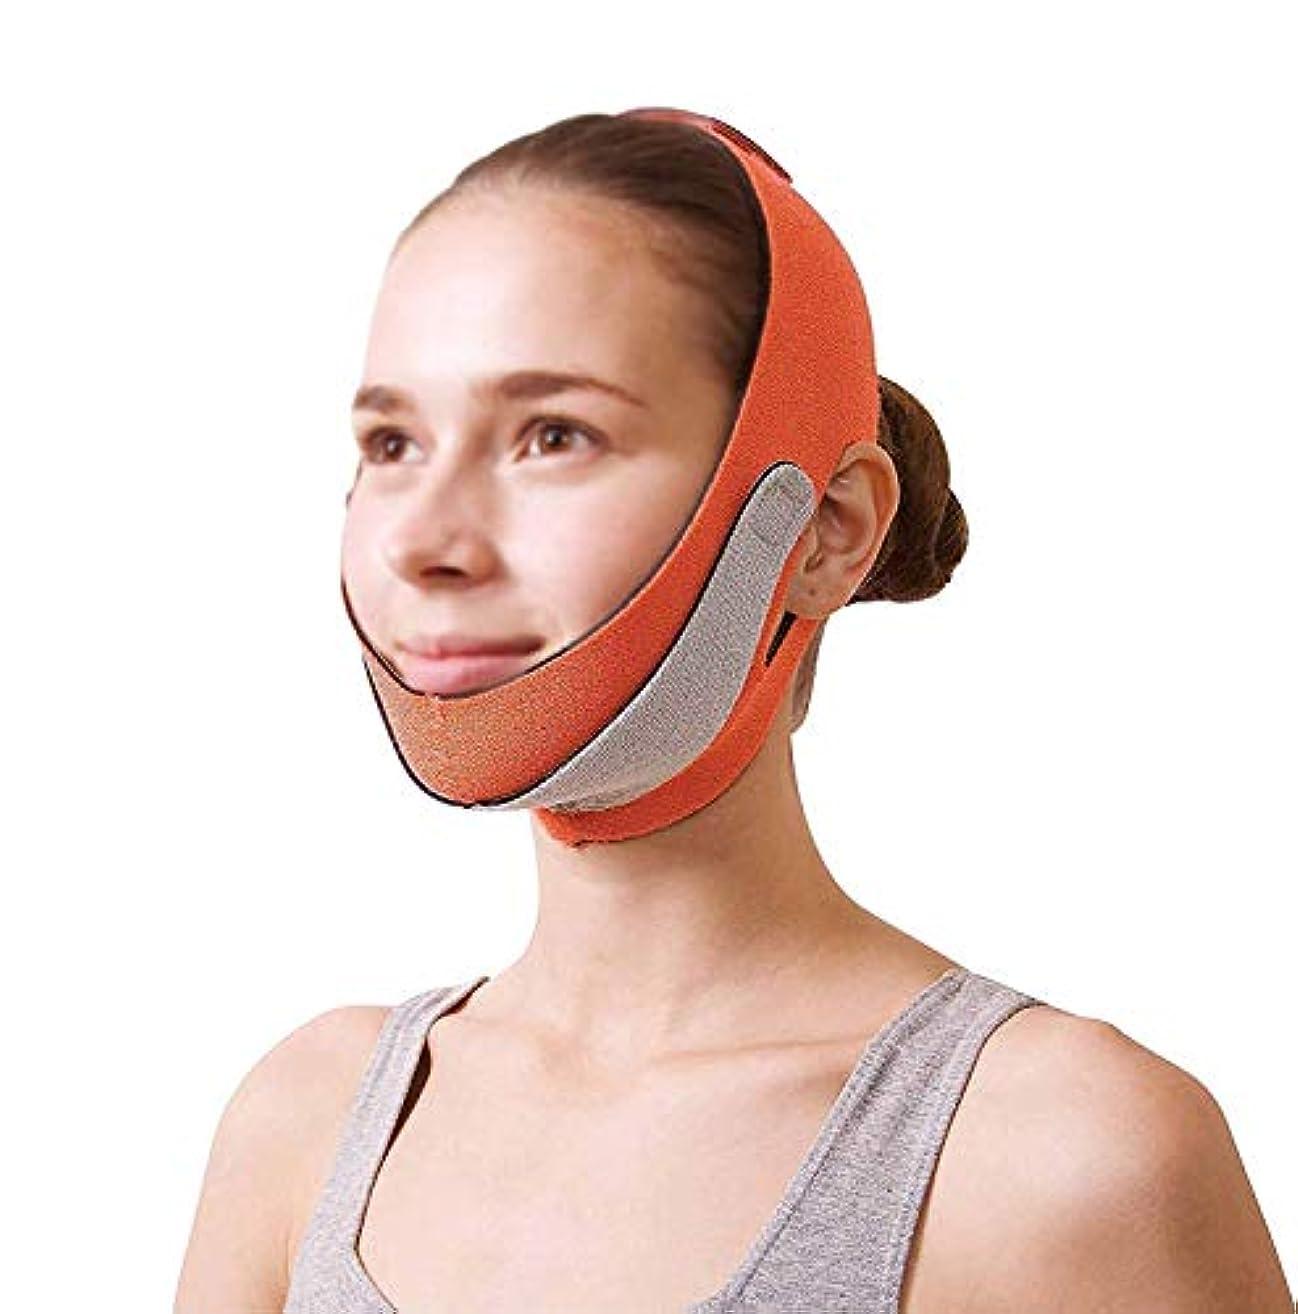 く耐久マオリフェイスリフトマスク、あごストラップ回復ポスト包帯ヘッドギアフェイスマスク顔薄いフェイスマスクアーティファクト美容顔と首リフトオレンジマスク